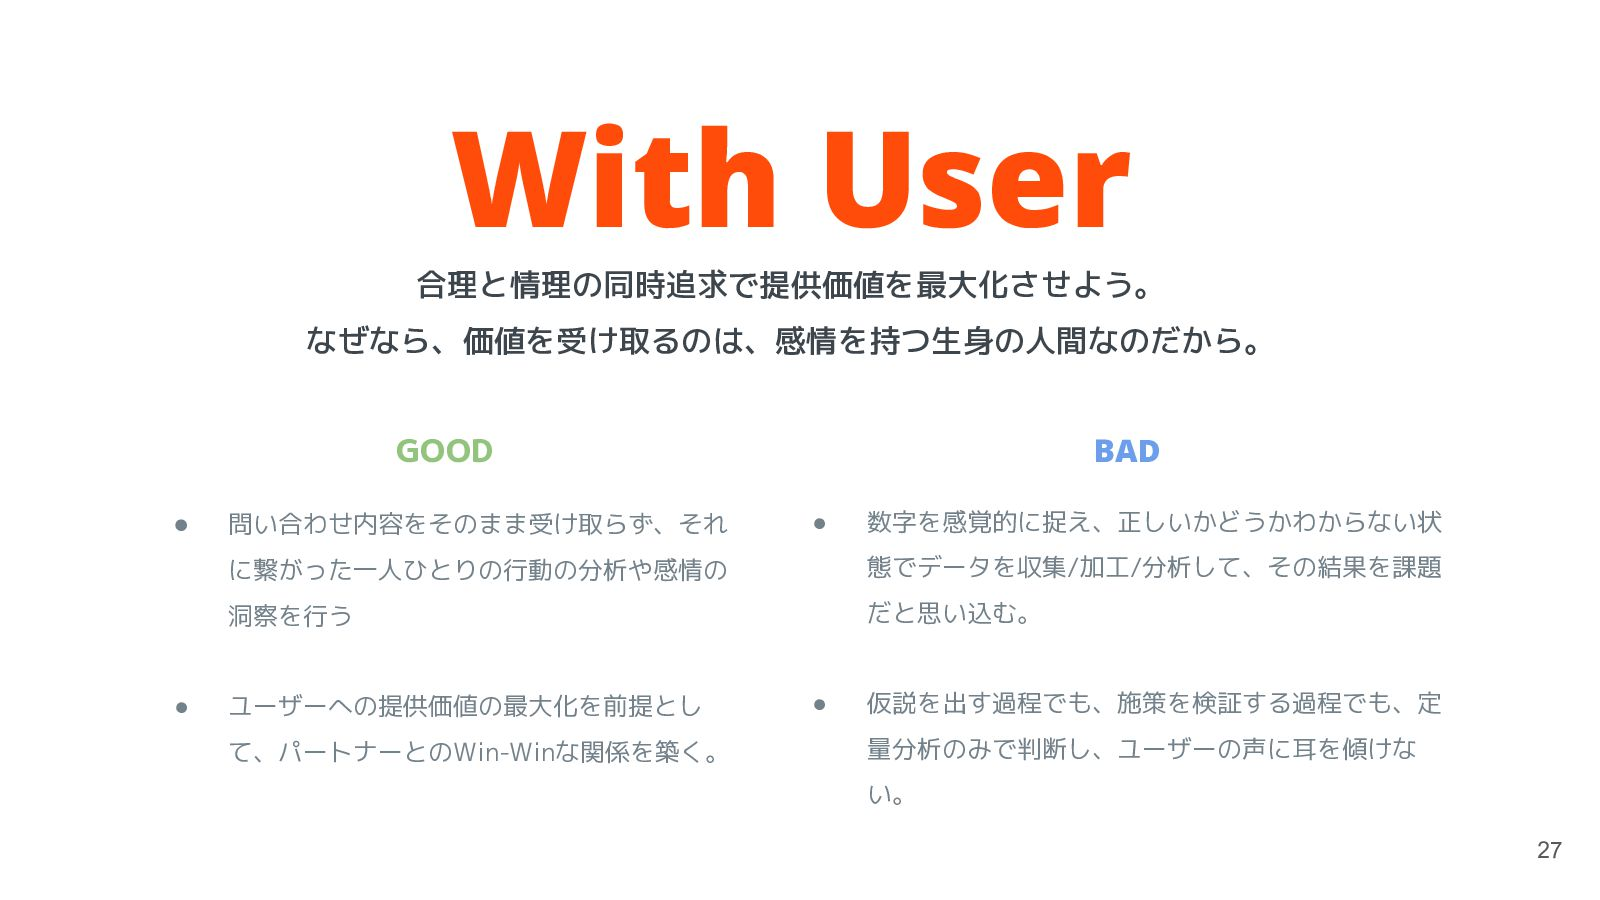 Get it Done 責任感を強く持ち、あらゆる手段で徹底的にやりきろう。 なぜなら、一つ一...